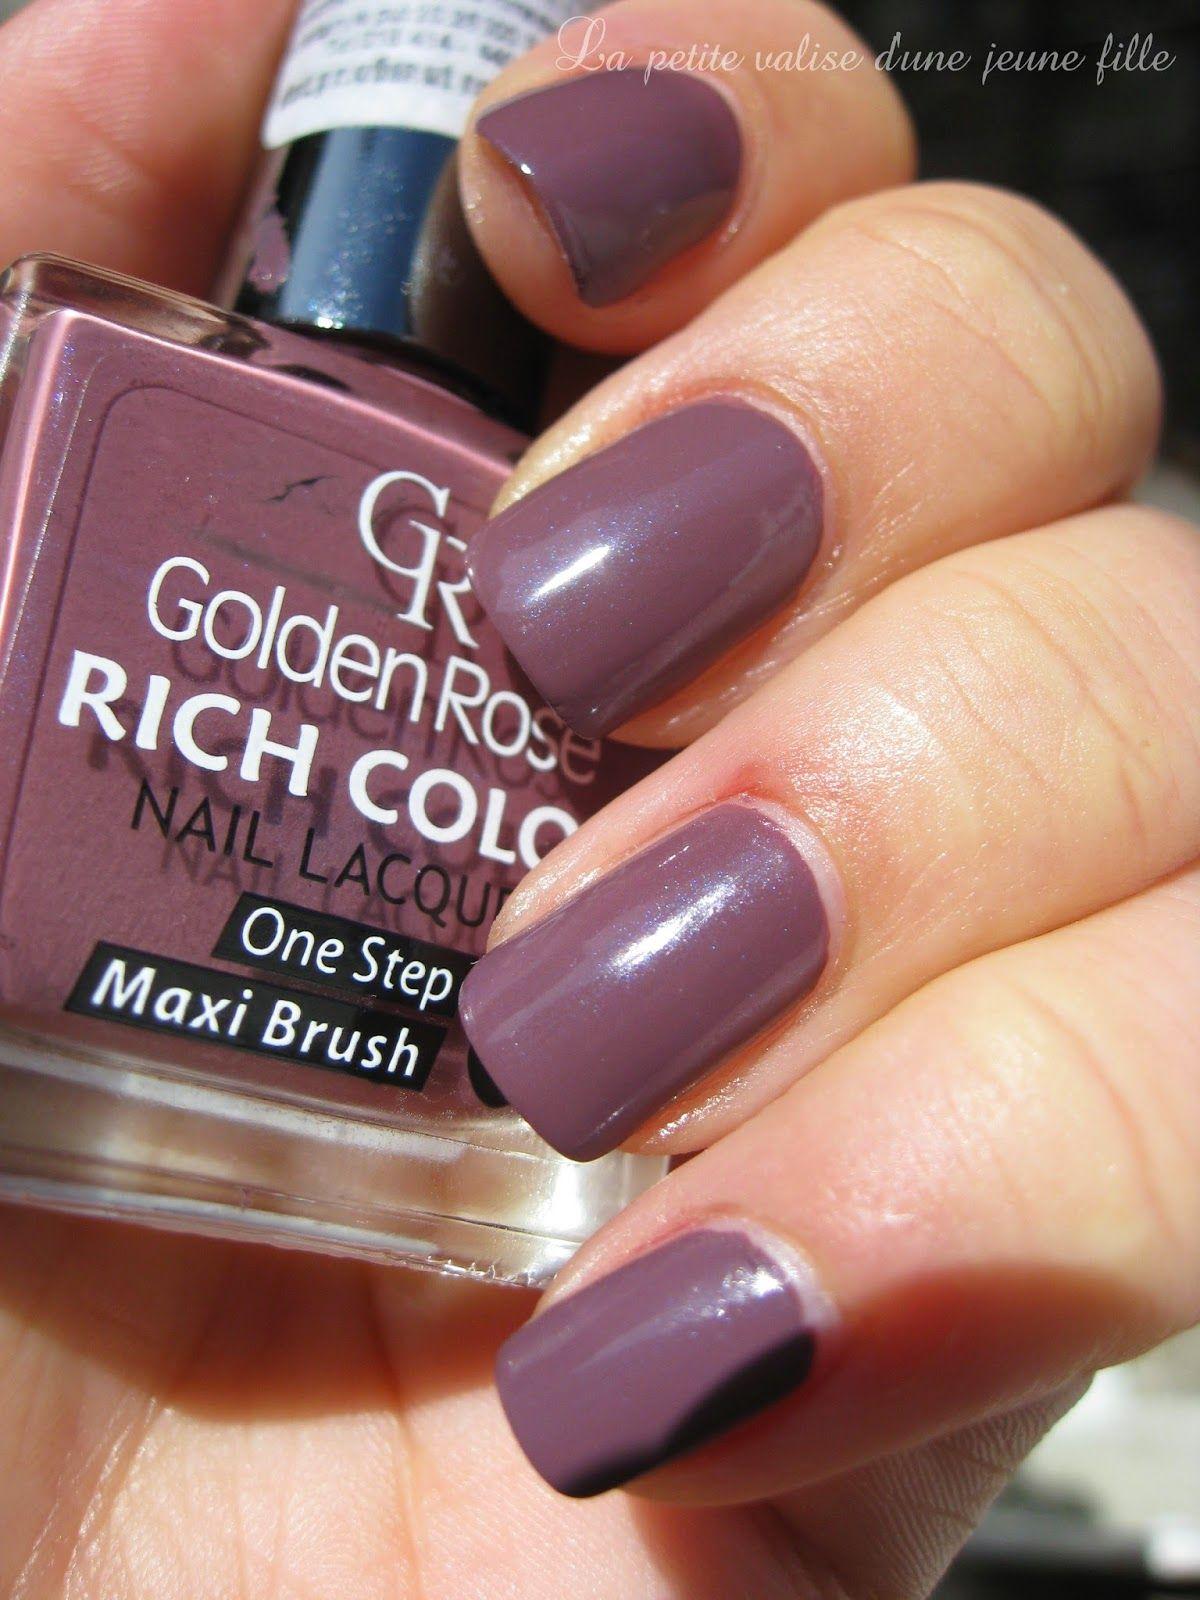 La Petite Valise D Une Jeune Fille Golden Rose Rich Color 104 Nail Polish Golden Rose Nails